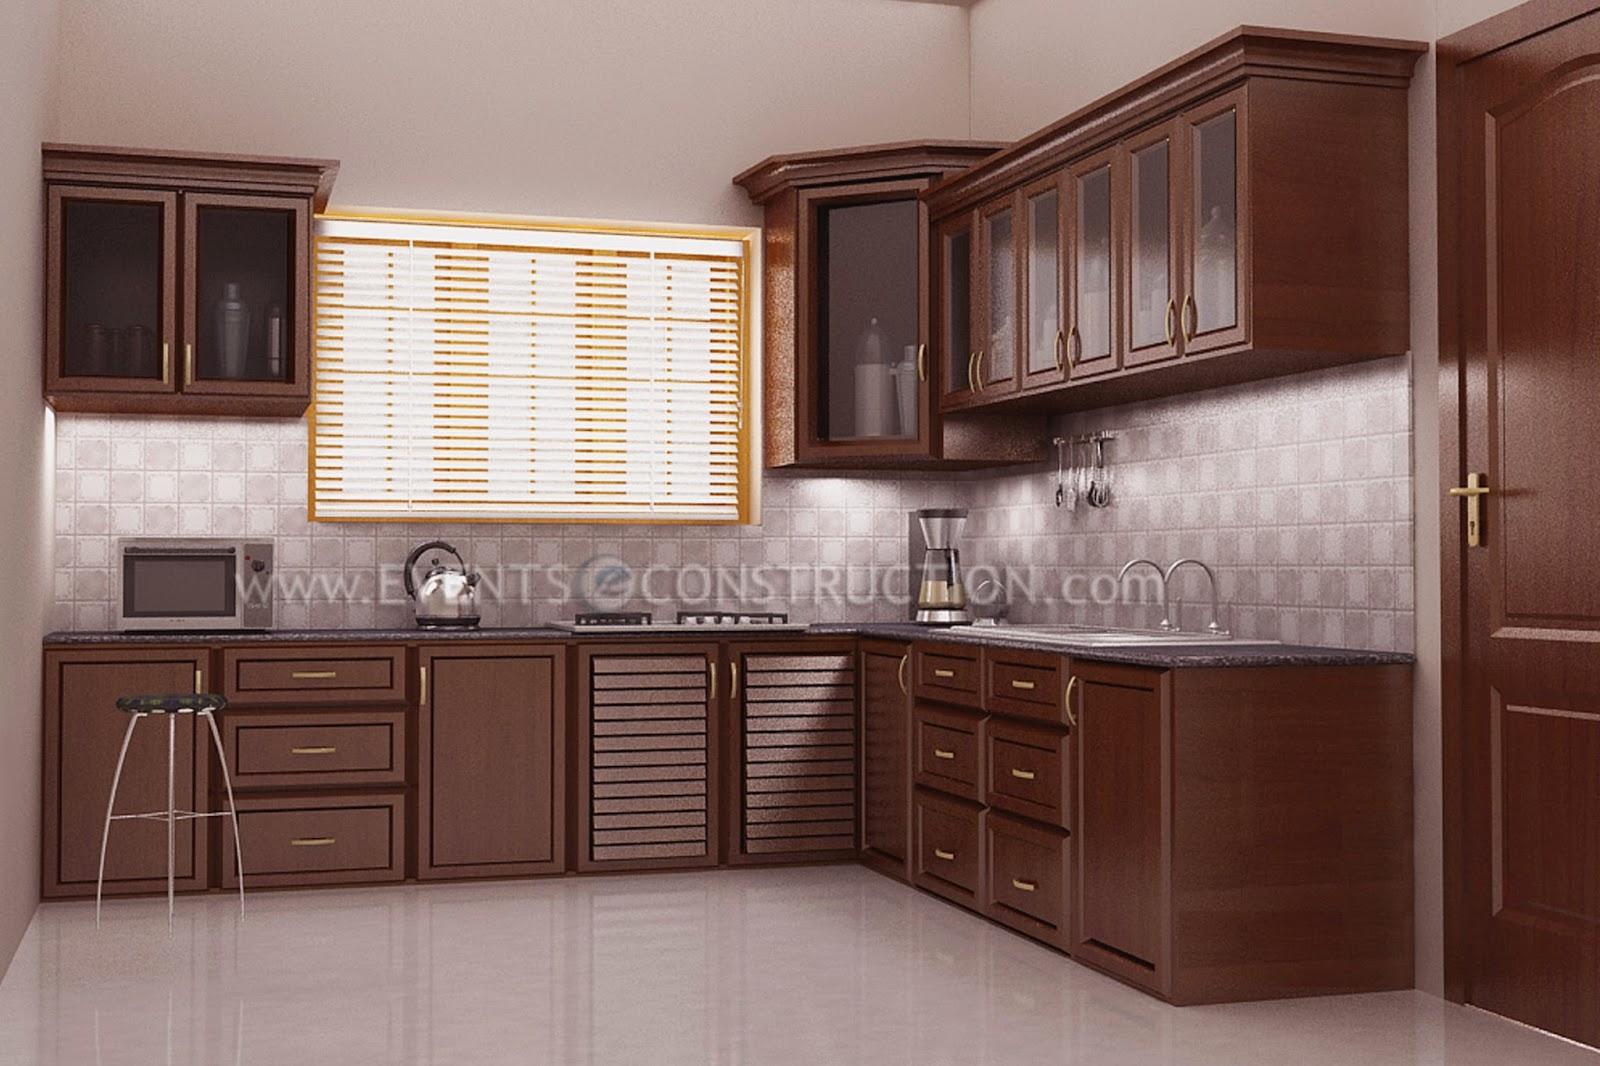 Kitchen Design Kerala Style modular kitchen cabinets kerala | ideasidea